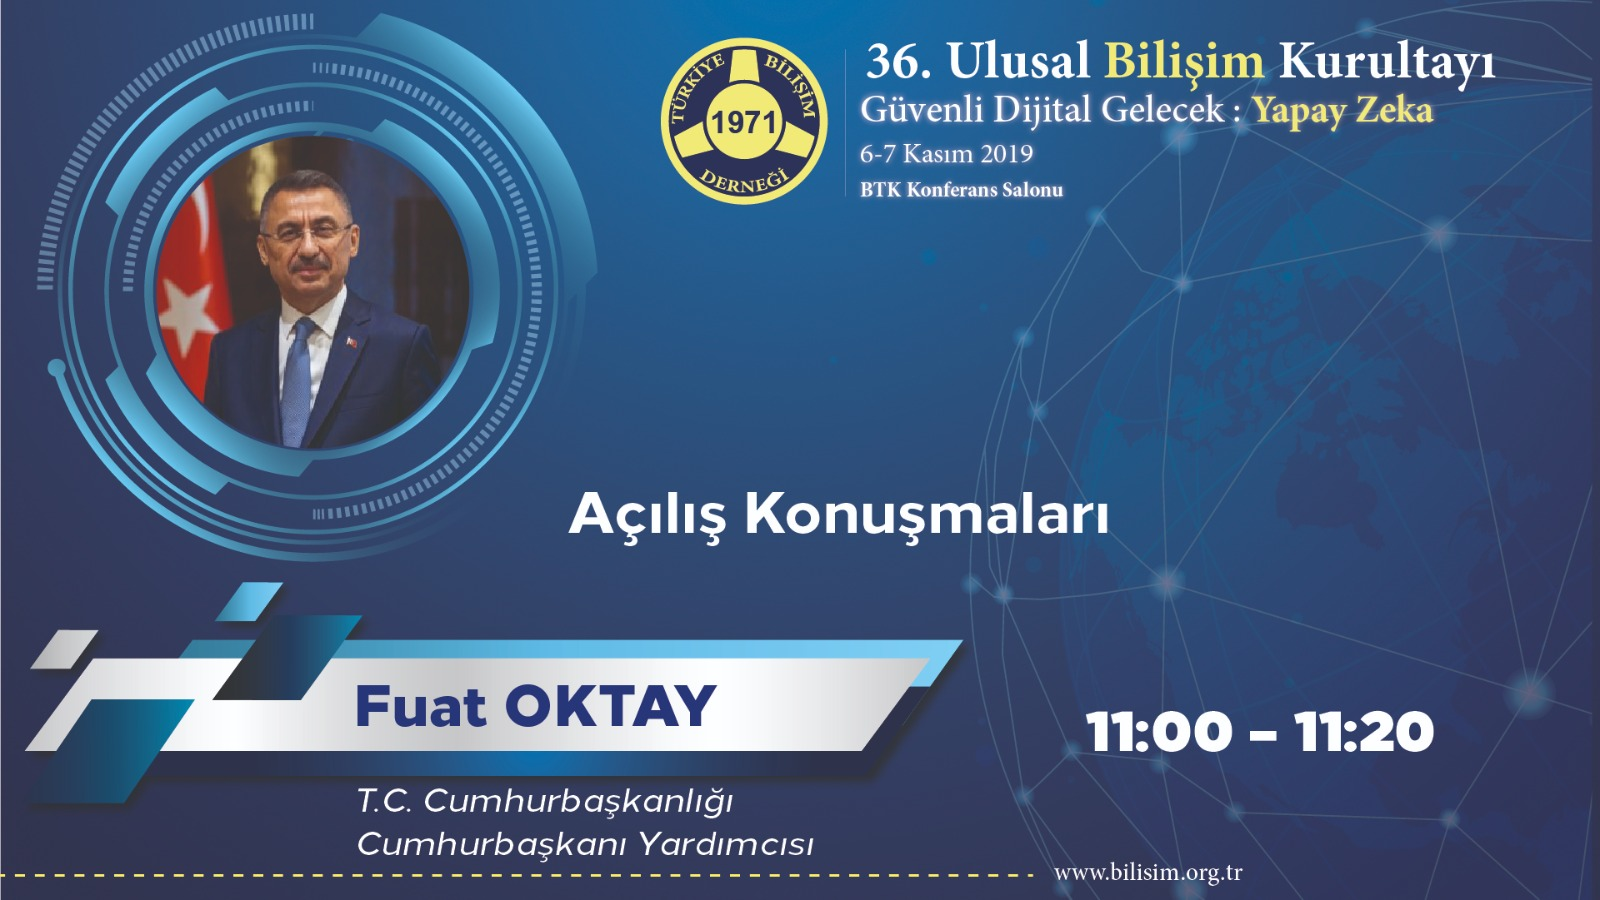 Fuat OKTAY - 36. Ulusal Bilişim Kurultayı